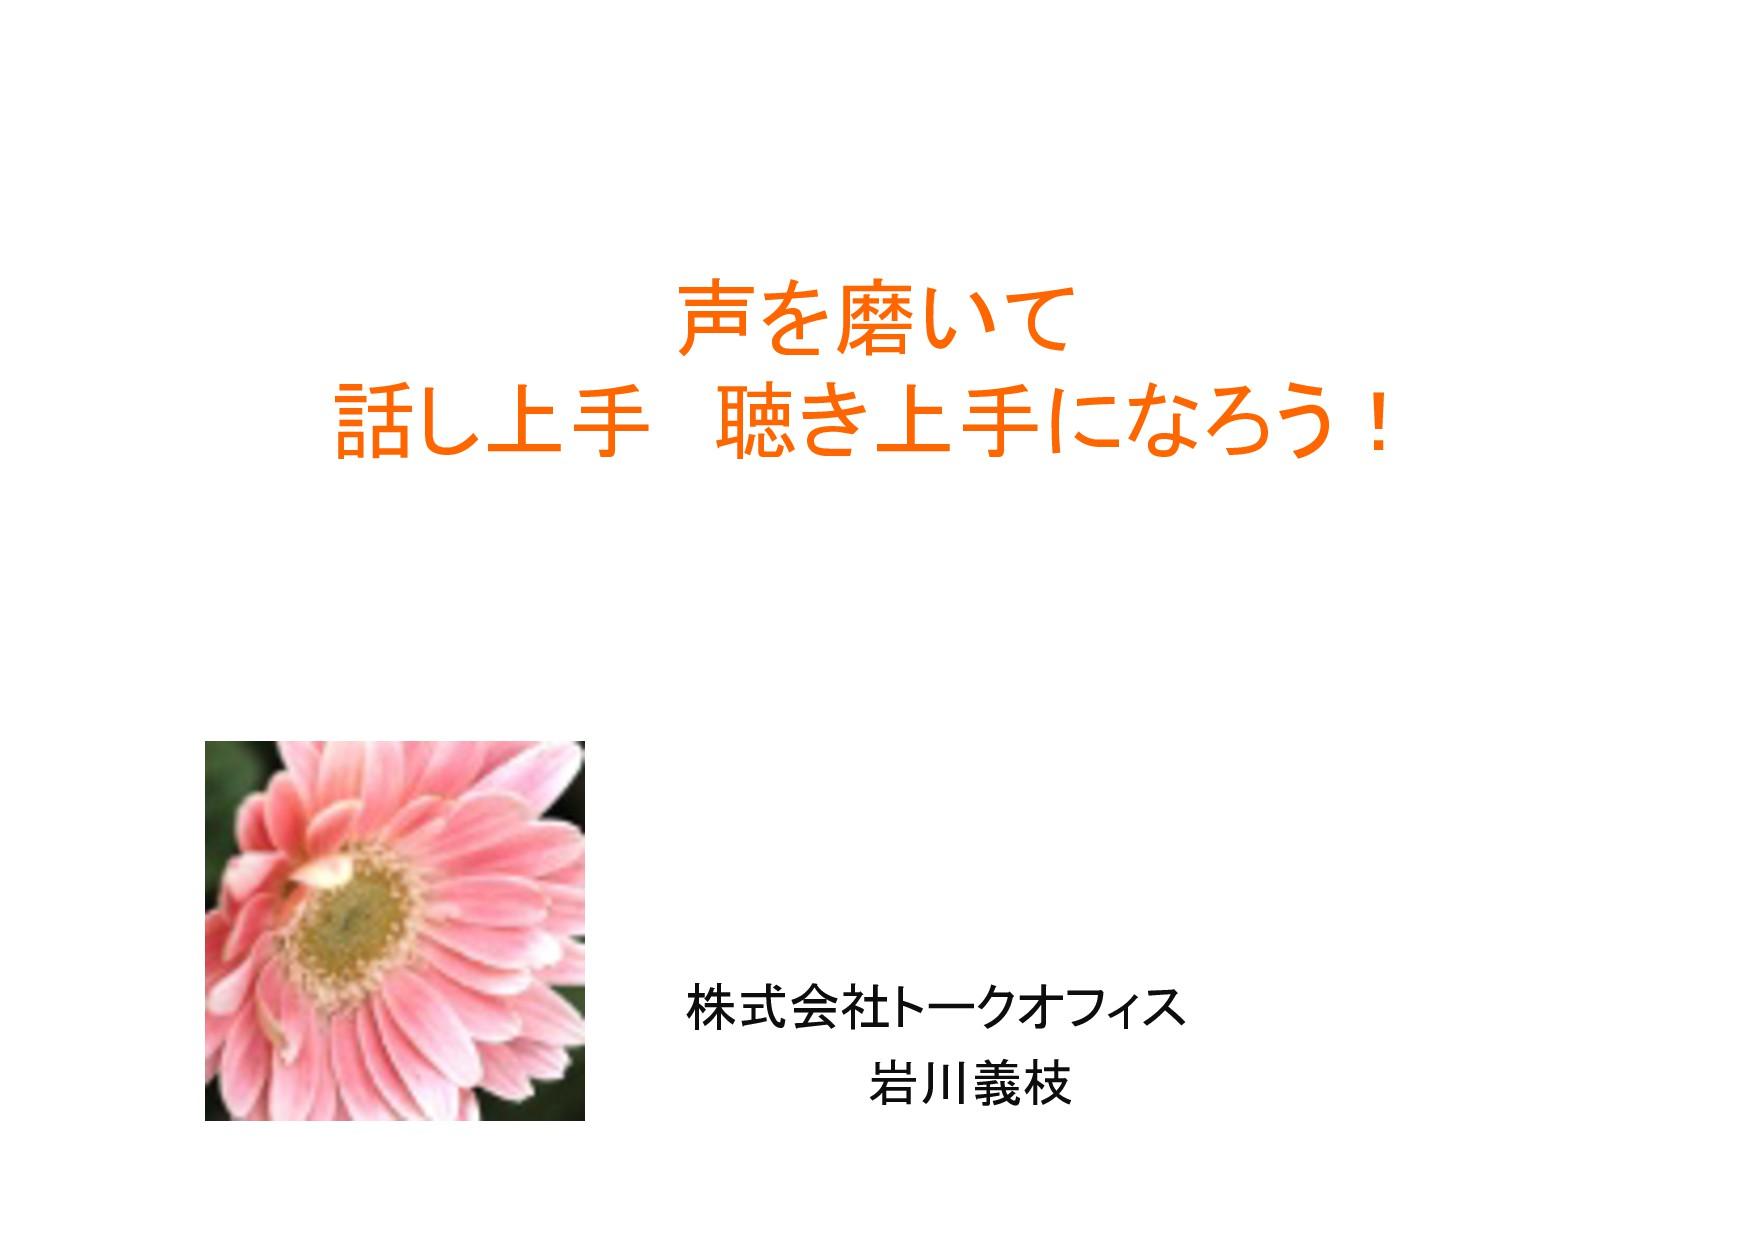 声を磨いて  話し上手 聴き上手になろう! 株式会社トークオフィス   岩川義枝